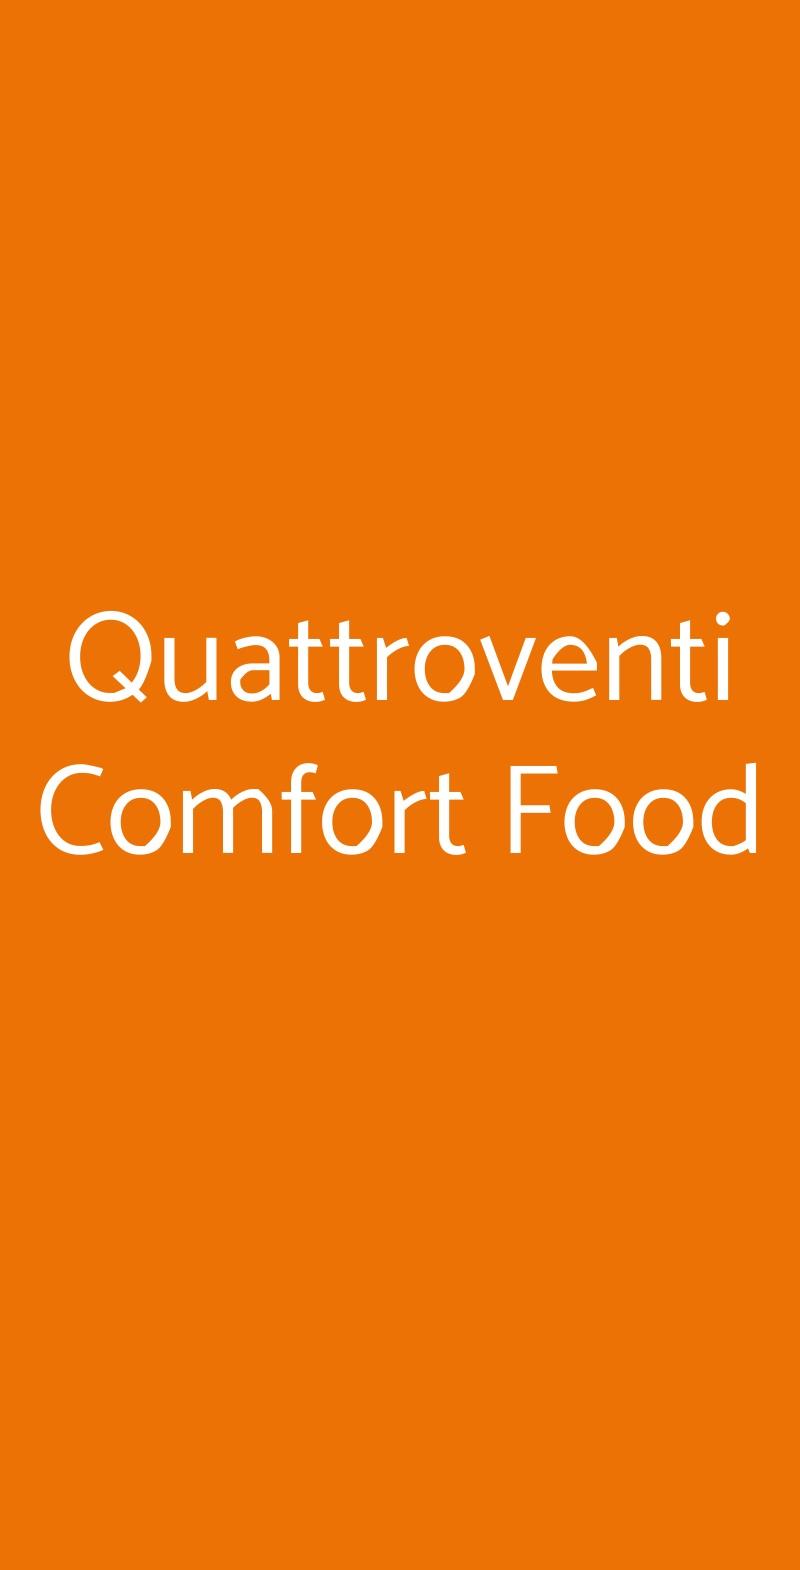 Quattroventi Comfort Food Palermo menù 1 pagina